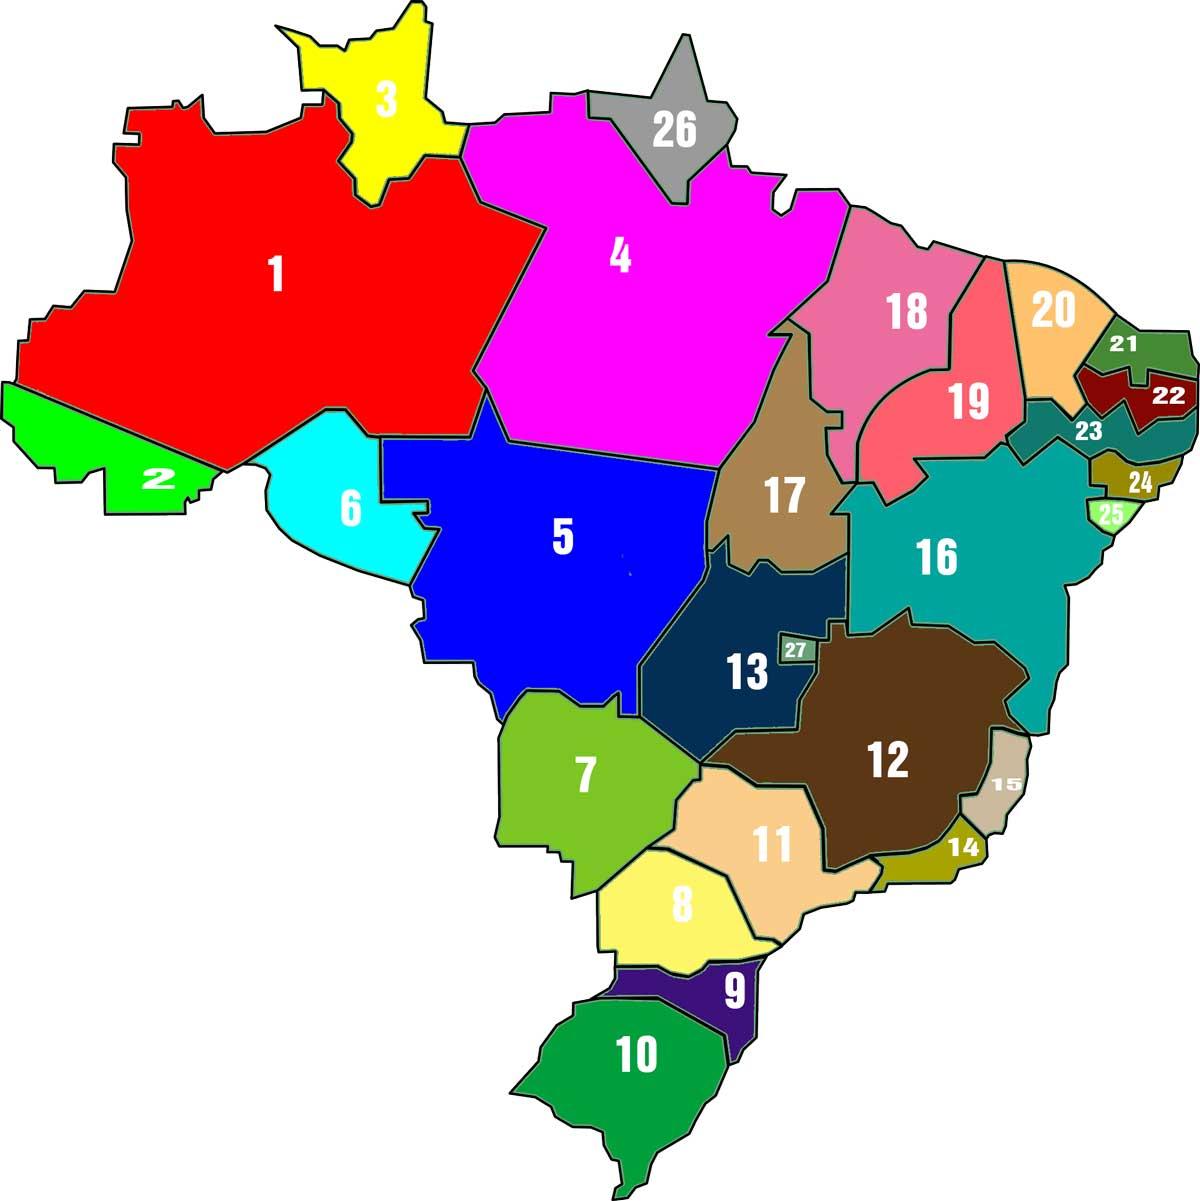 Mijnbrazilie-Brazilië-Landkaart-Brazilië-met-kleuren-en-nummers